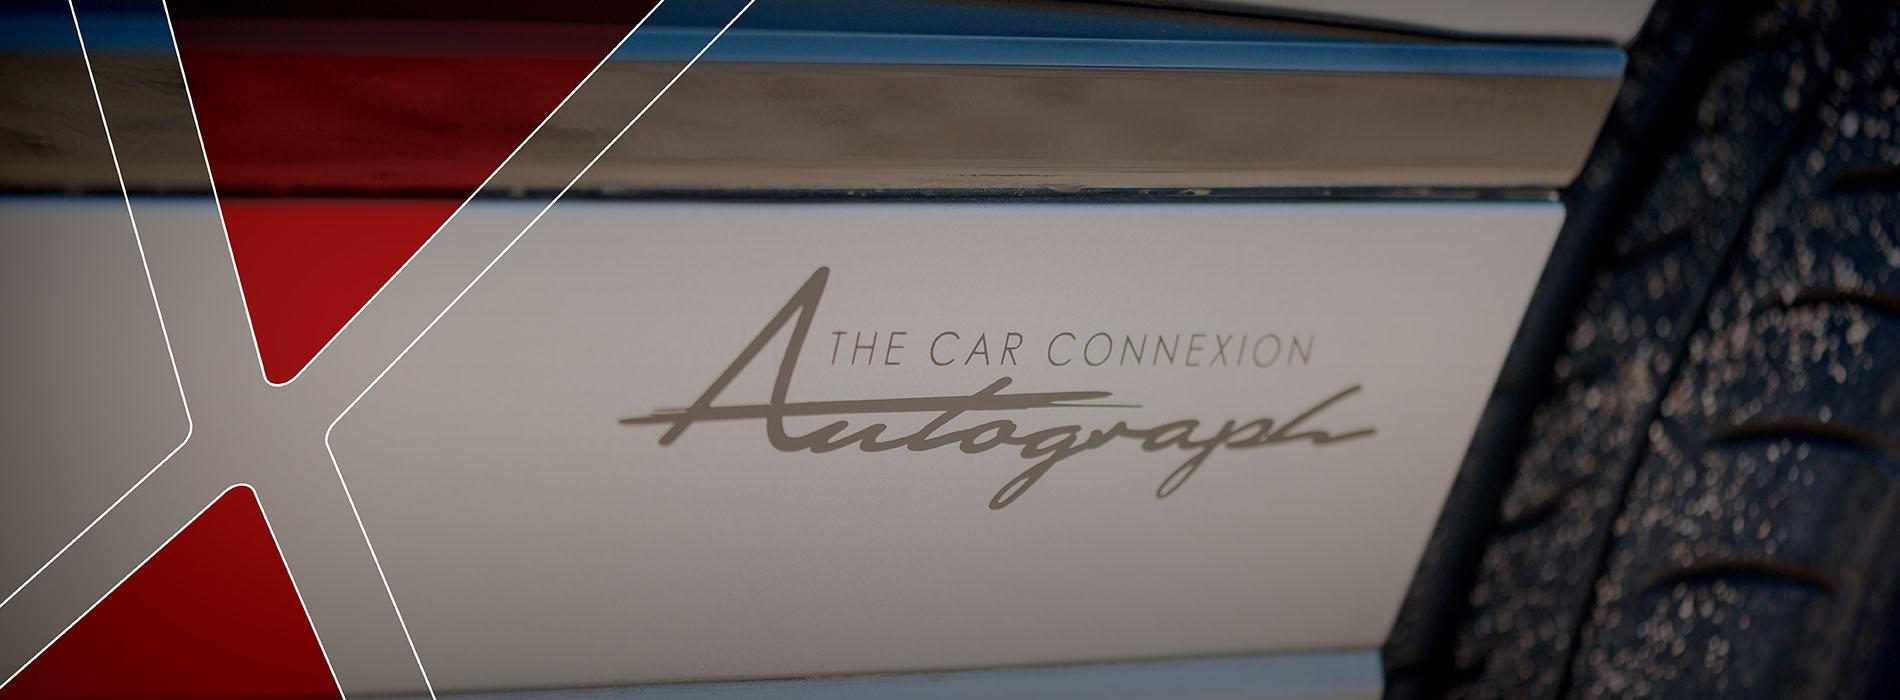 Autograph by The Car Connexion